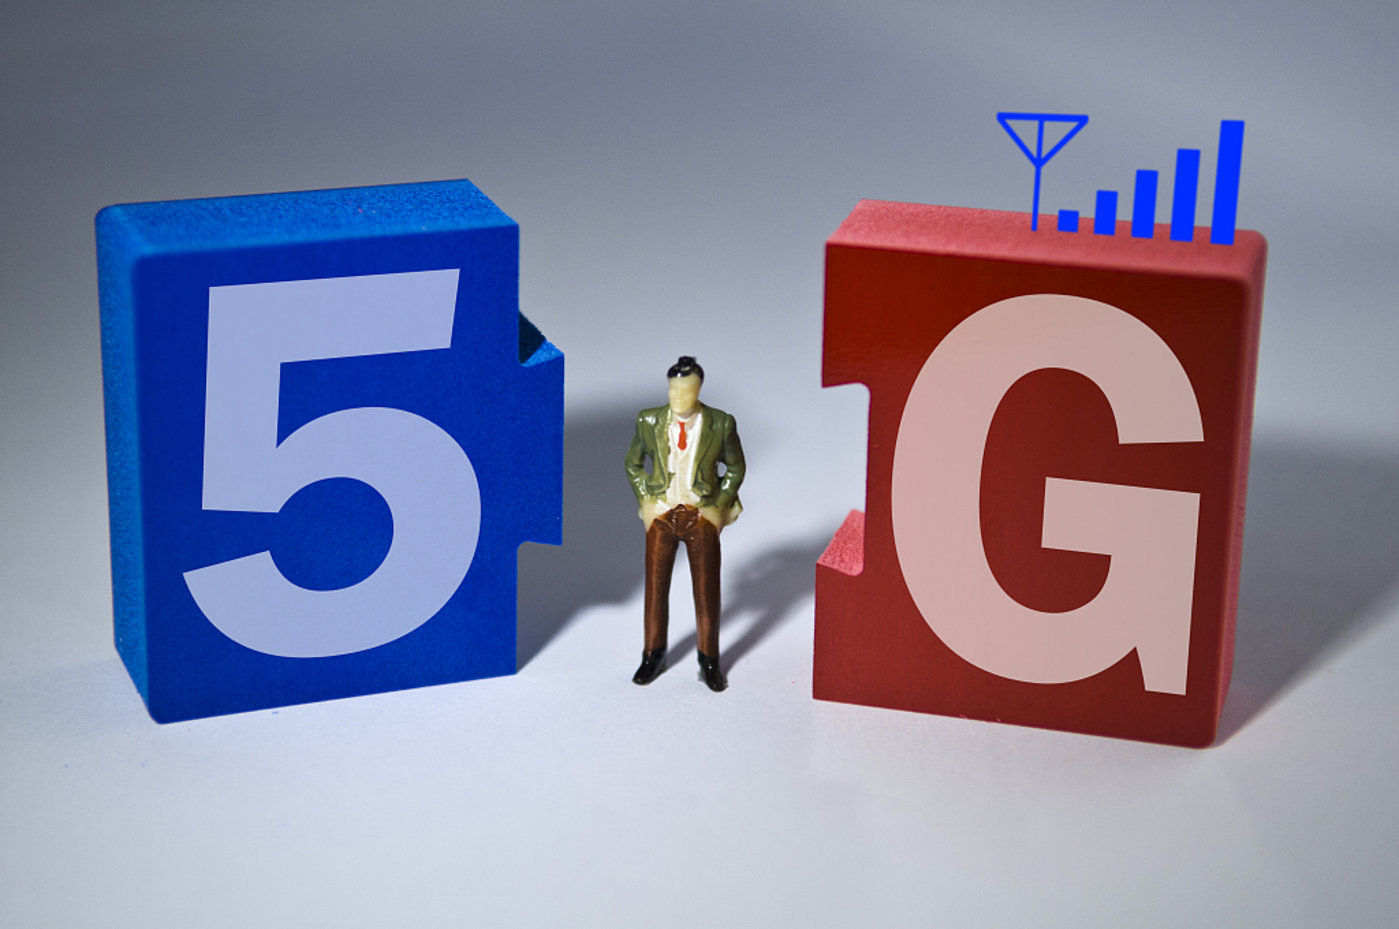 【钛晨报】中国移动公布核心网5G大单,华为中兴等中标;屠呦呦将发布重大科研突破